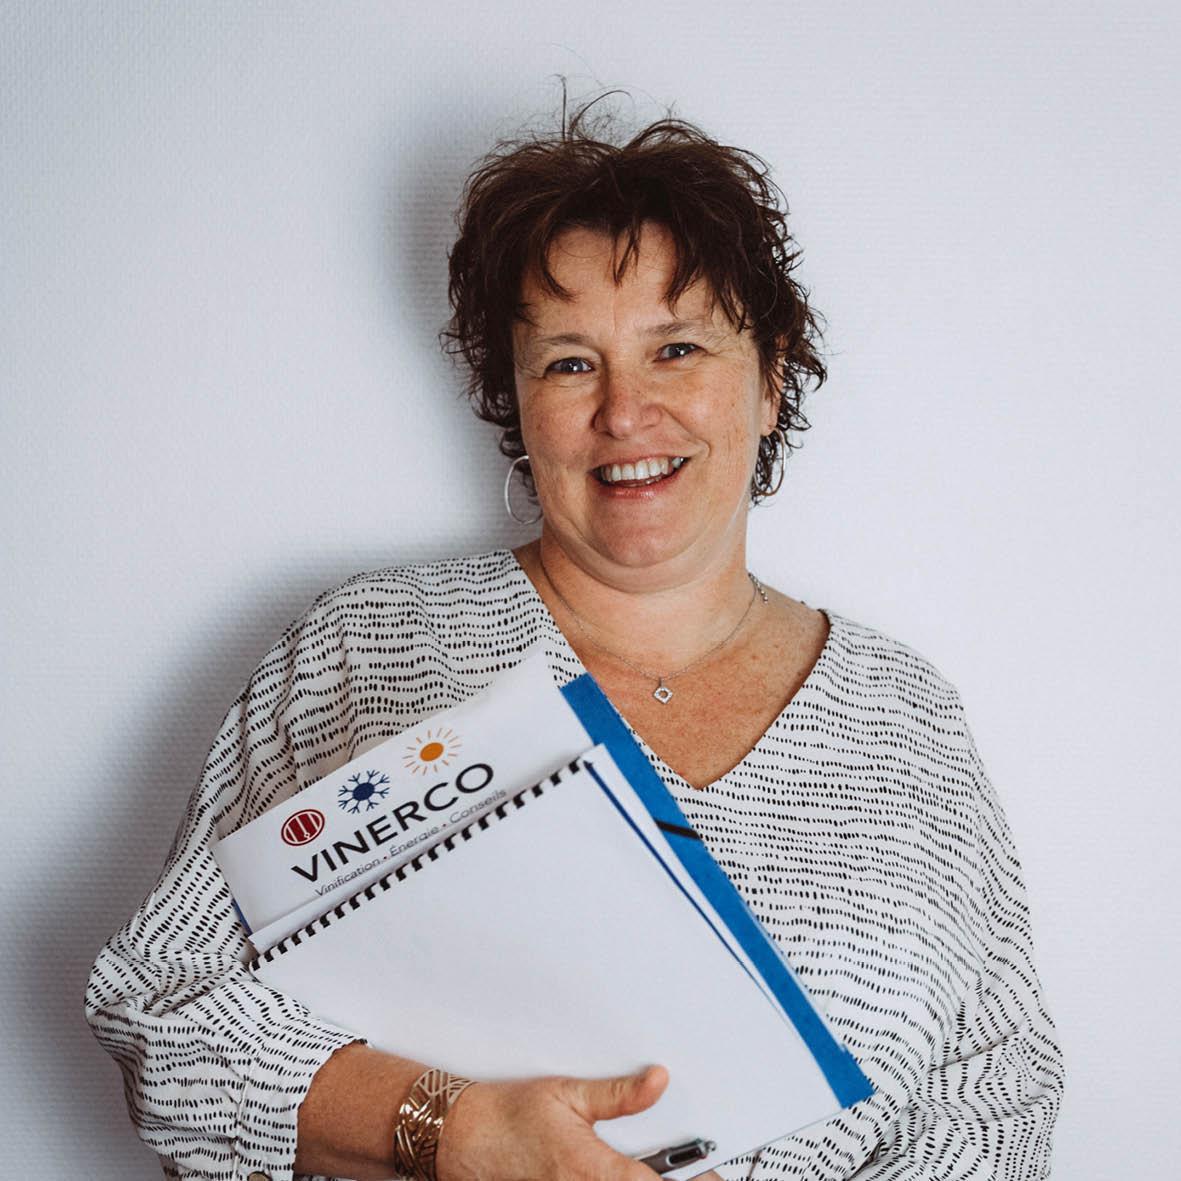 Sandrine, Assistante Commerciale Vinerco Crissey 71